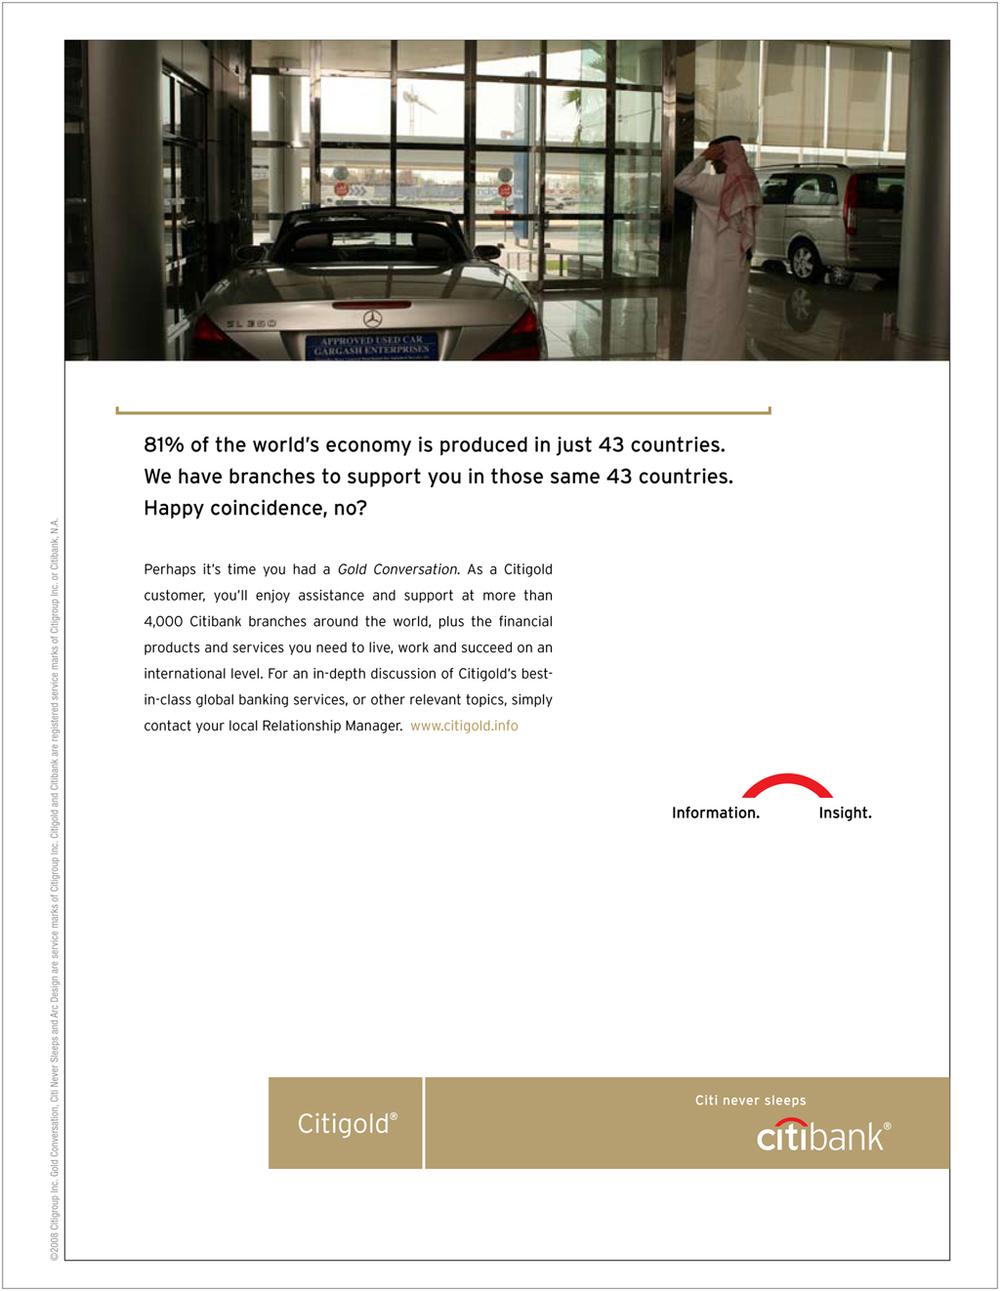 CommercialTearSheets_001.jpg